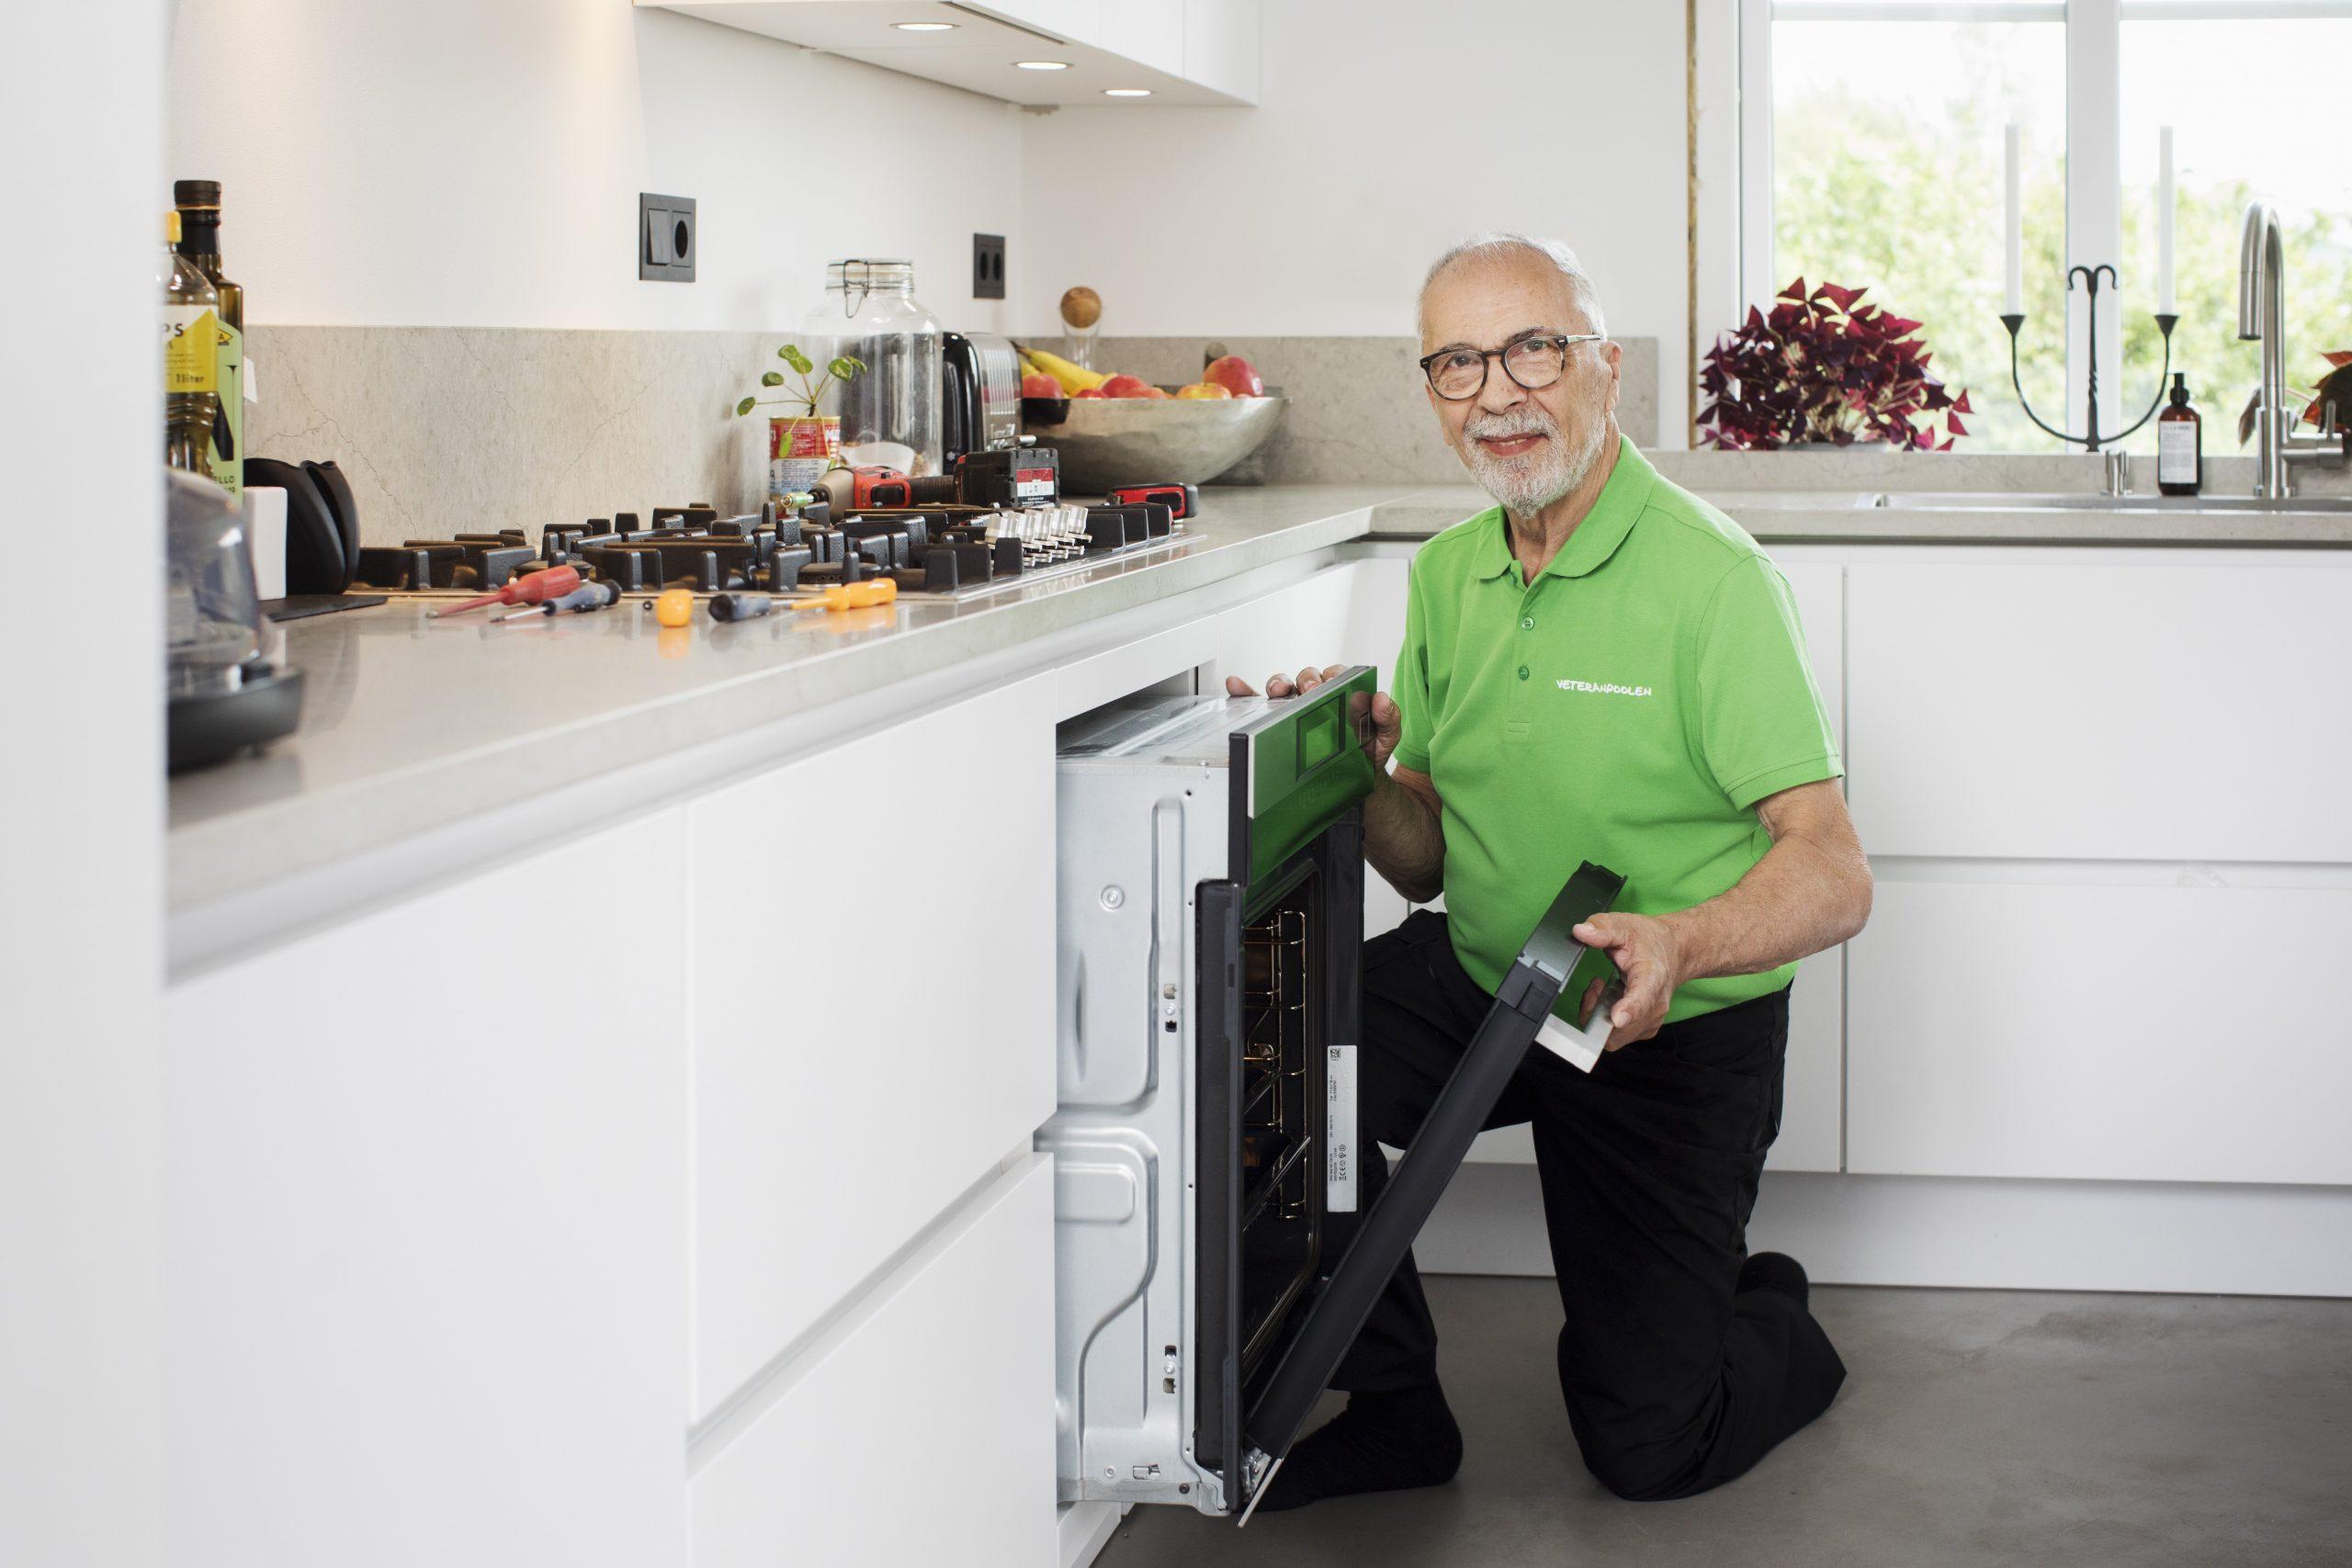 Ungt bolag tar hjälp av erfarna pensionärer